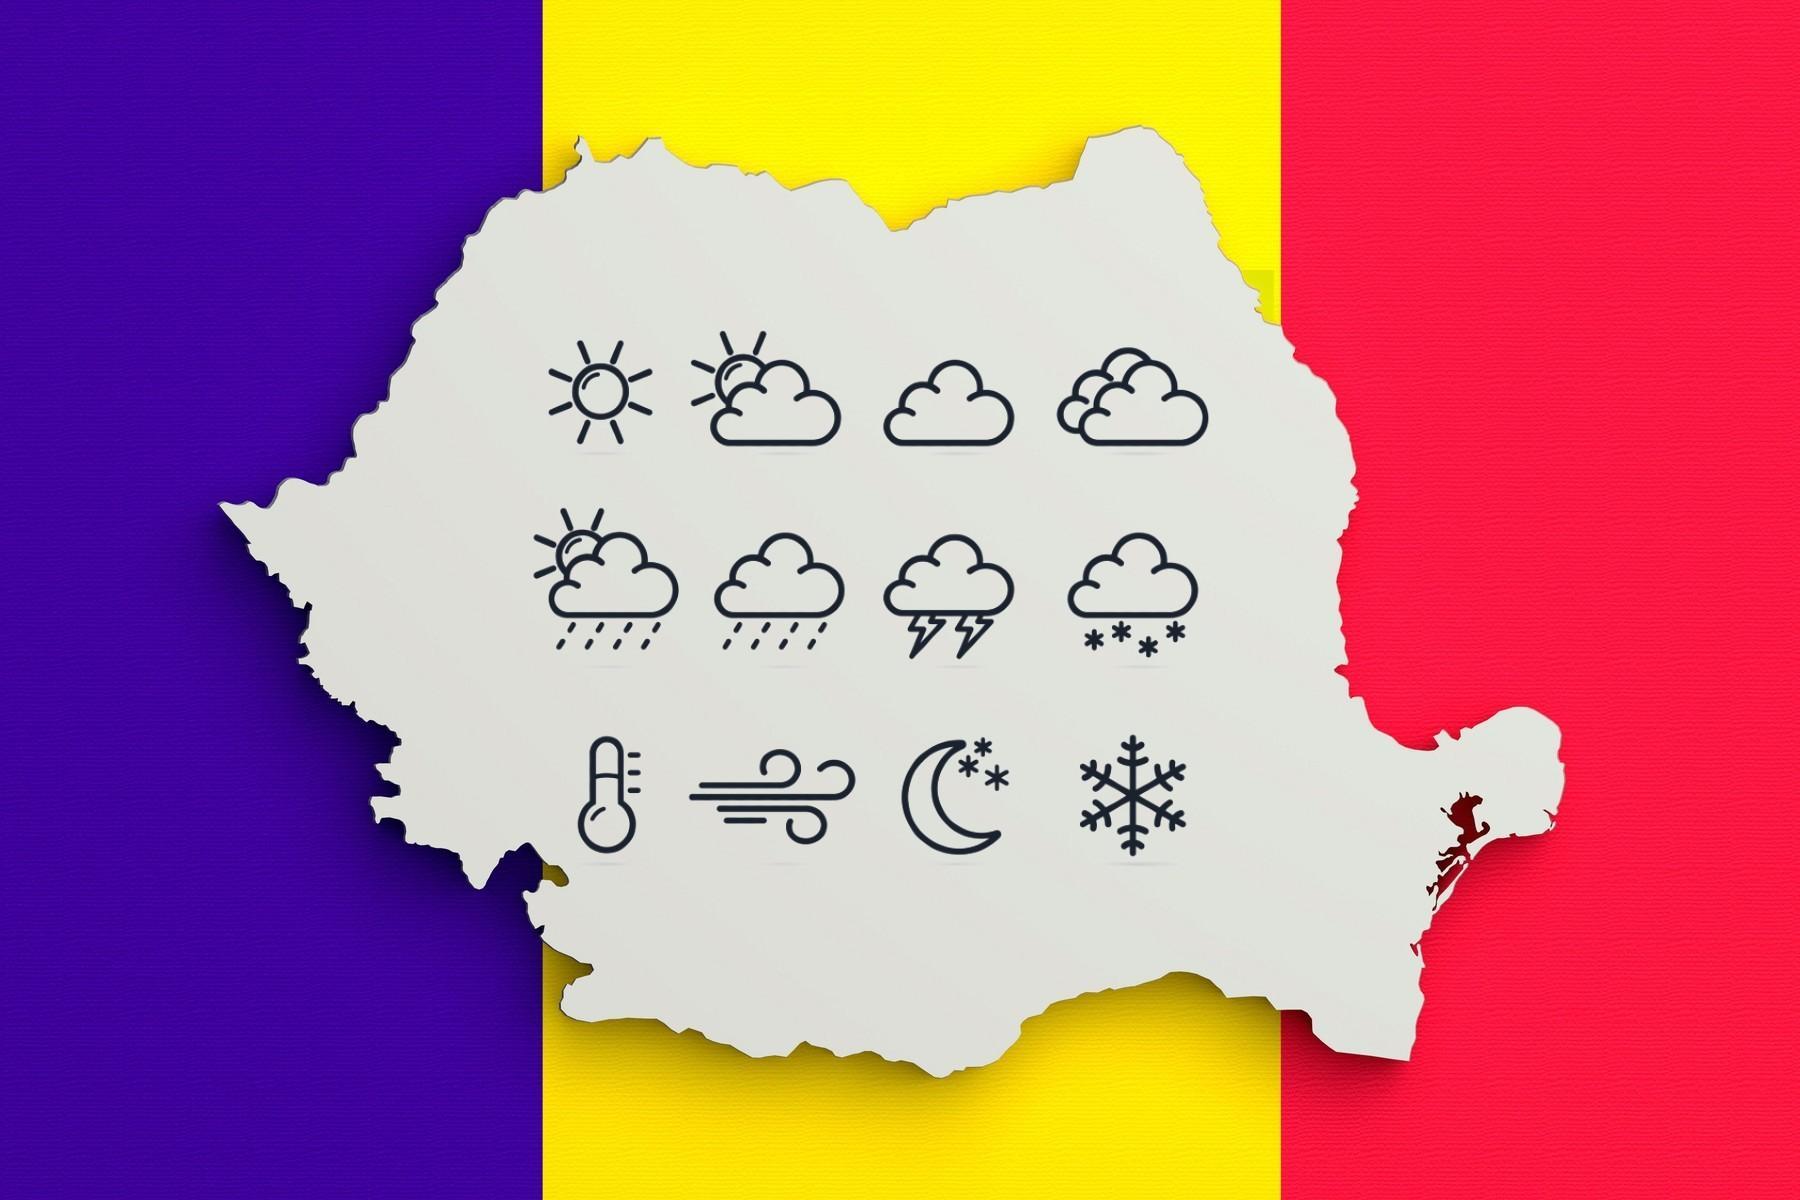 Prognoza meteo 27 noiembrie 2020. Cum e vremea în România și care sunt previziunile ANM pentru astăzi